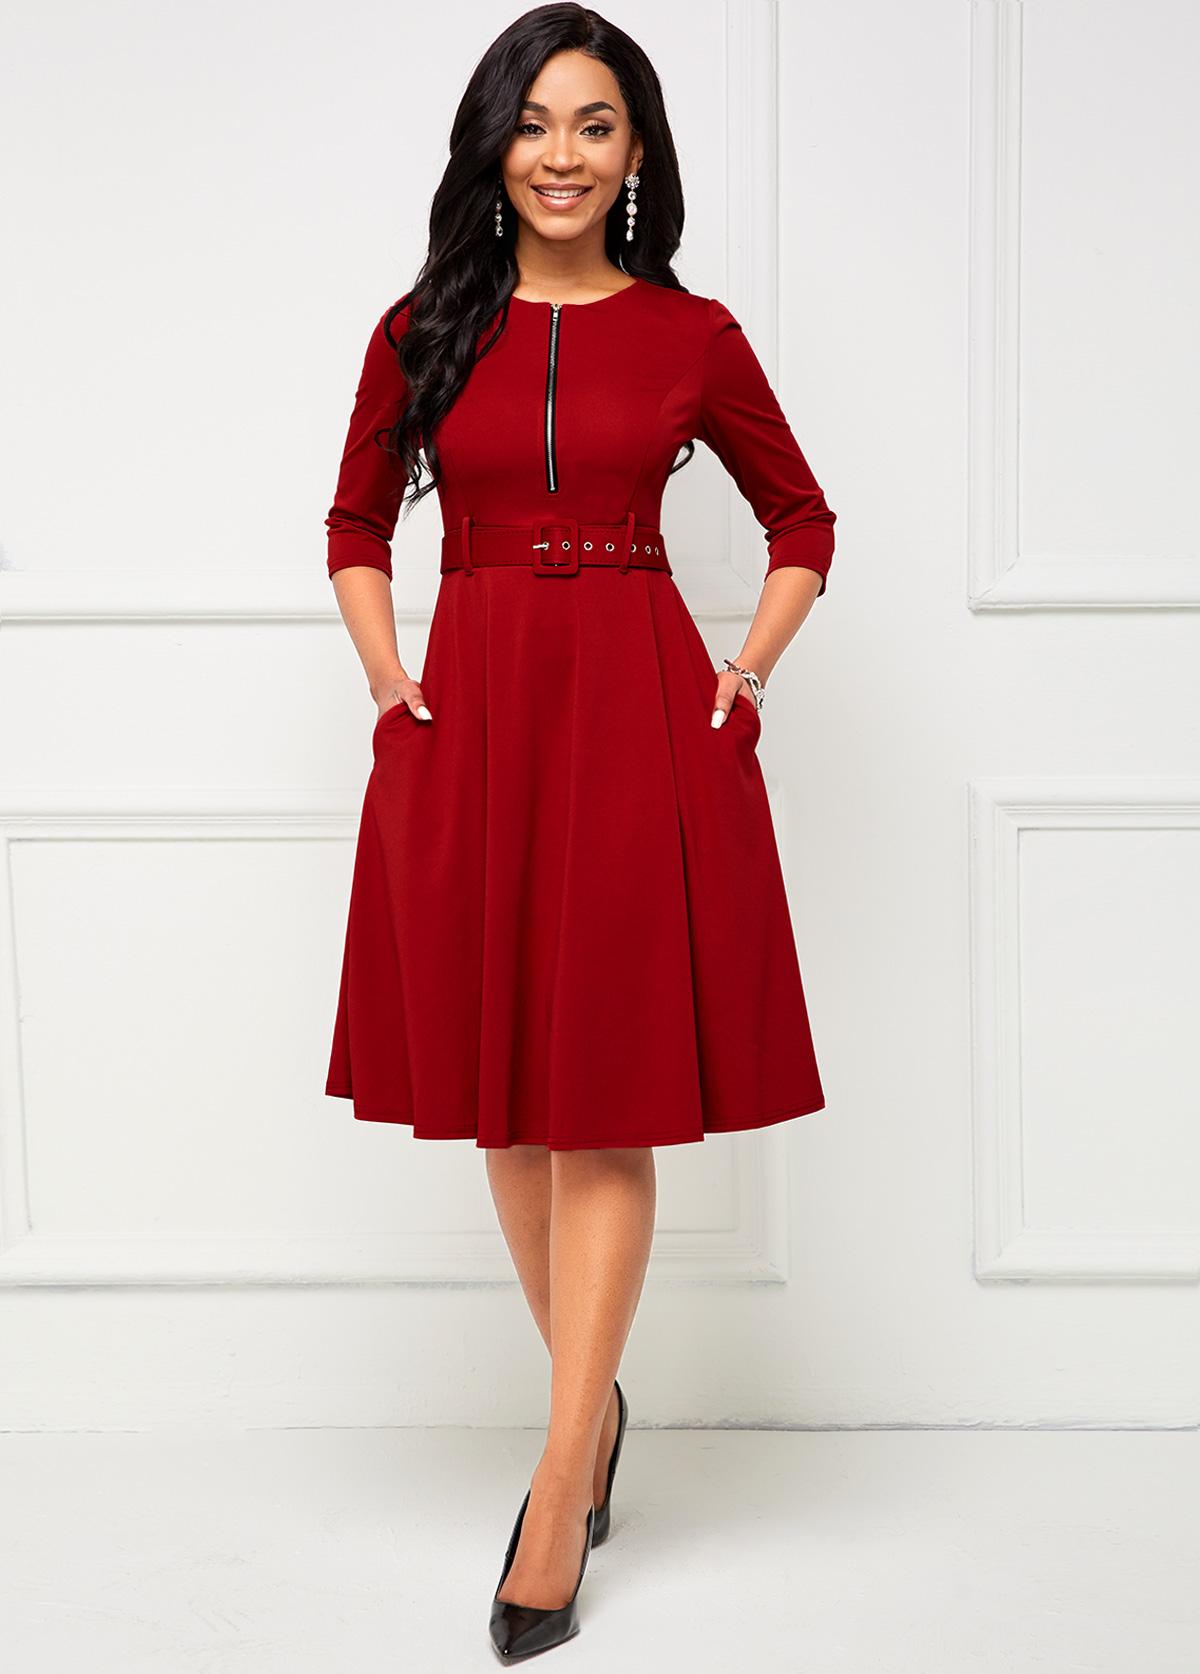 Zip Front Buckle Belted Pocket Dress